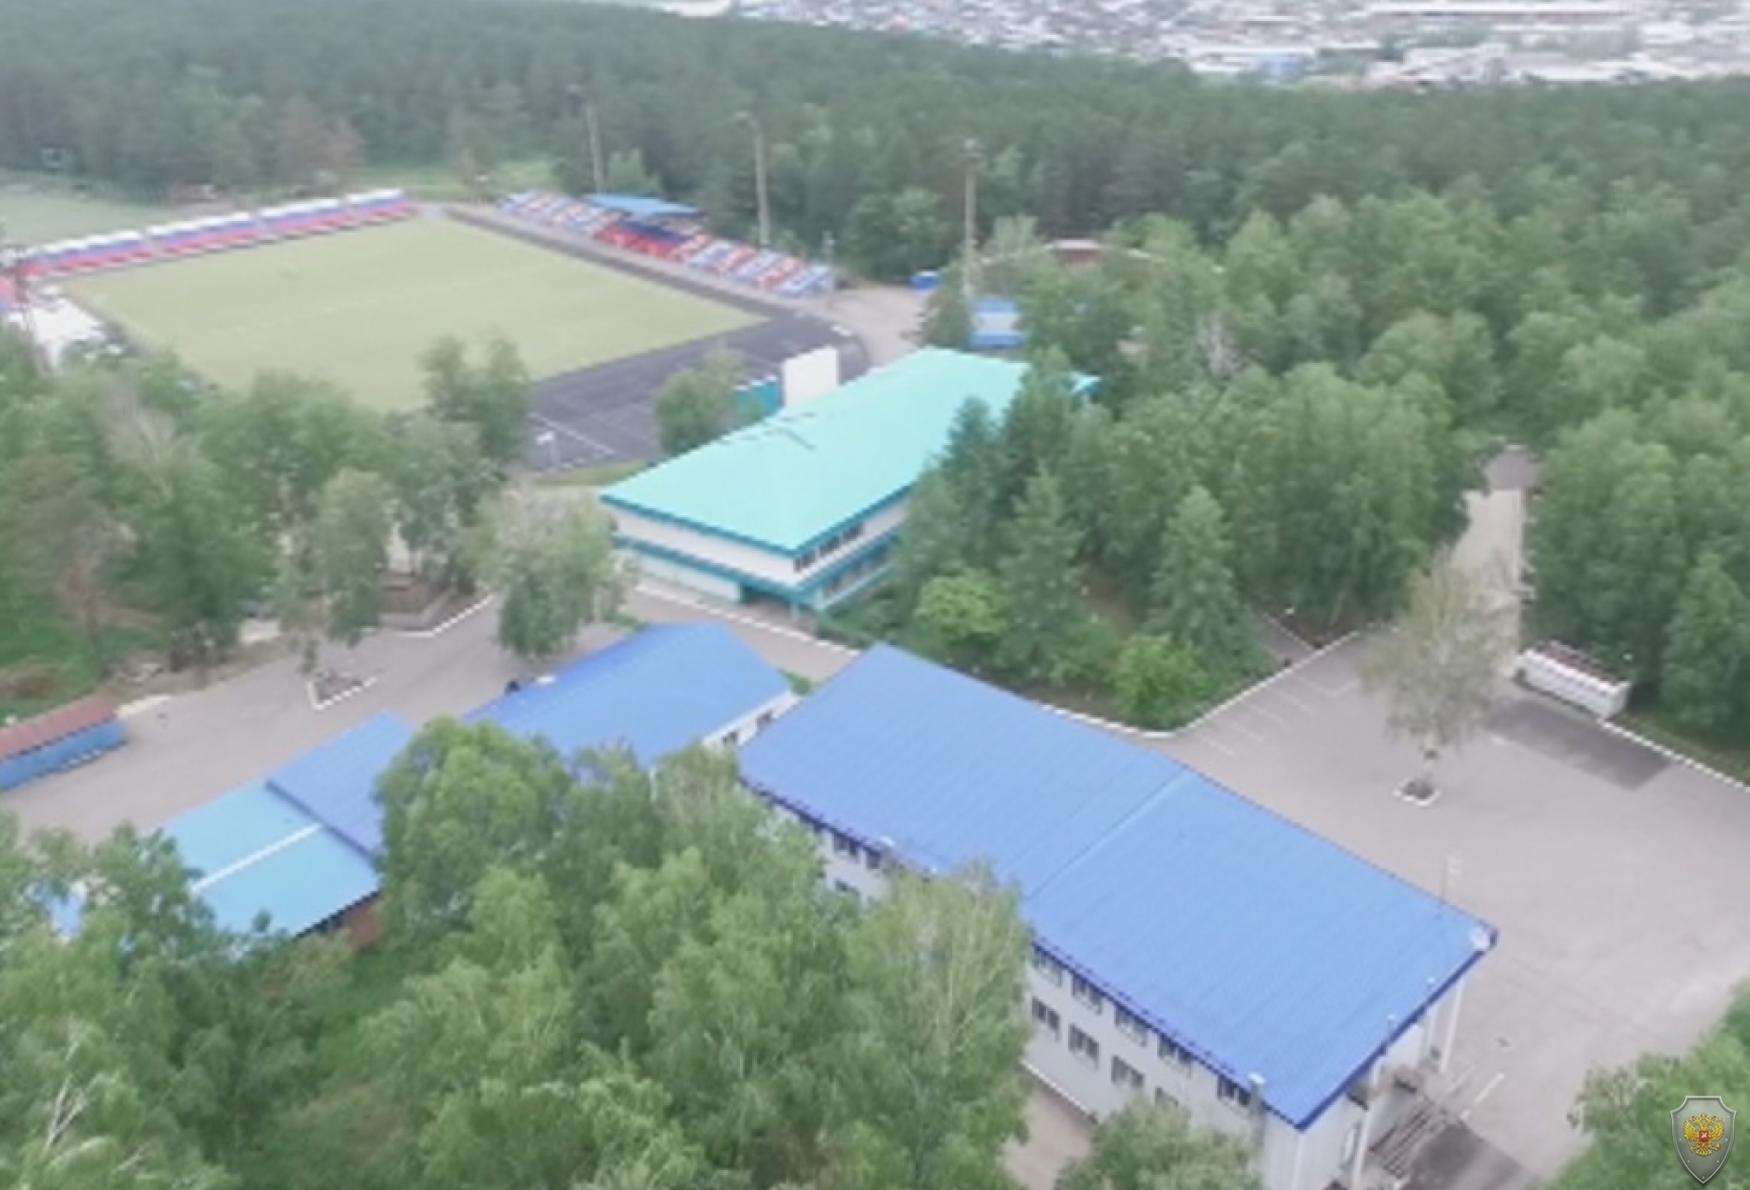 Применение беспилотного летательного аппарата (БЛПА) сил и средств ГУ МЧС России по Иркутской области